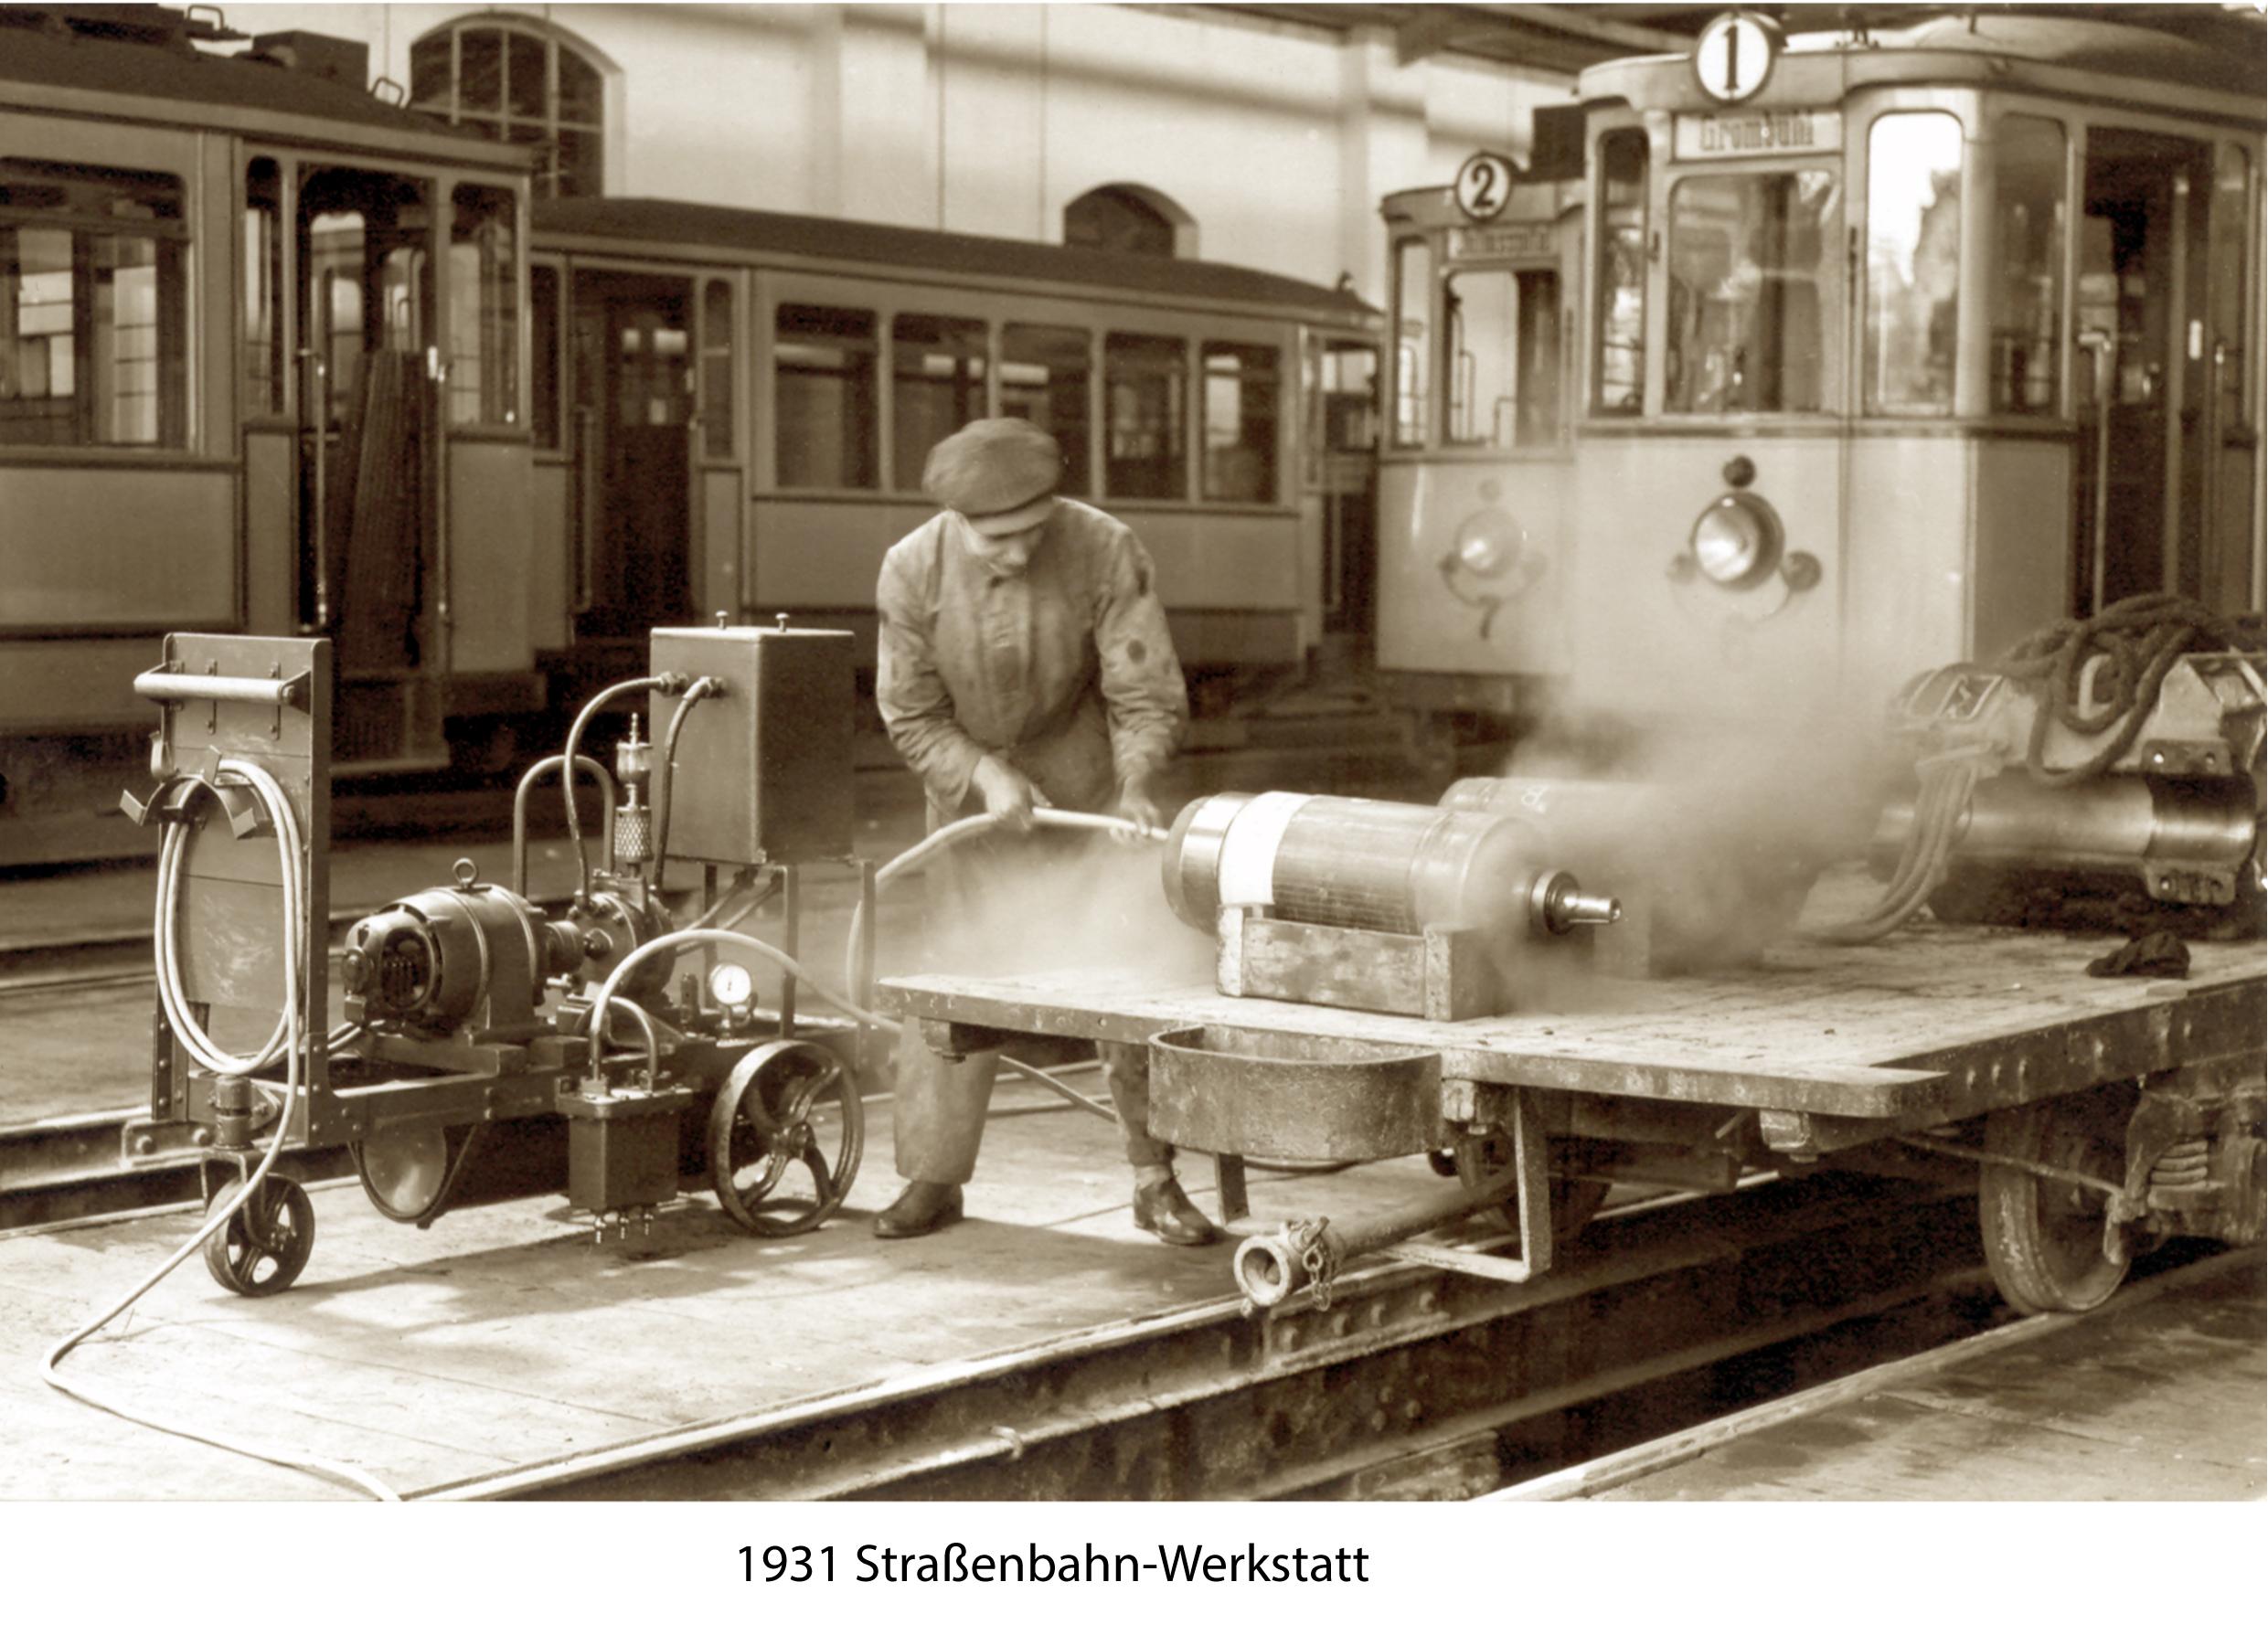 1931 Straßenbahn Werkstatt